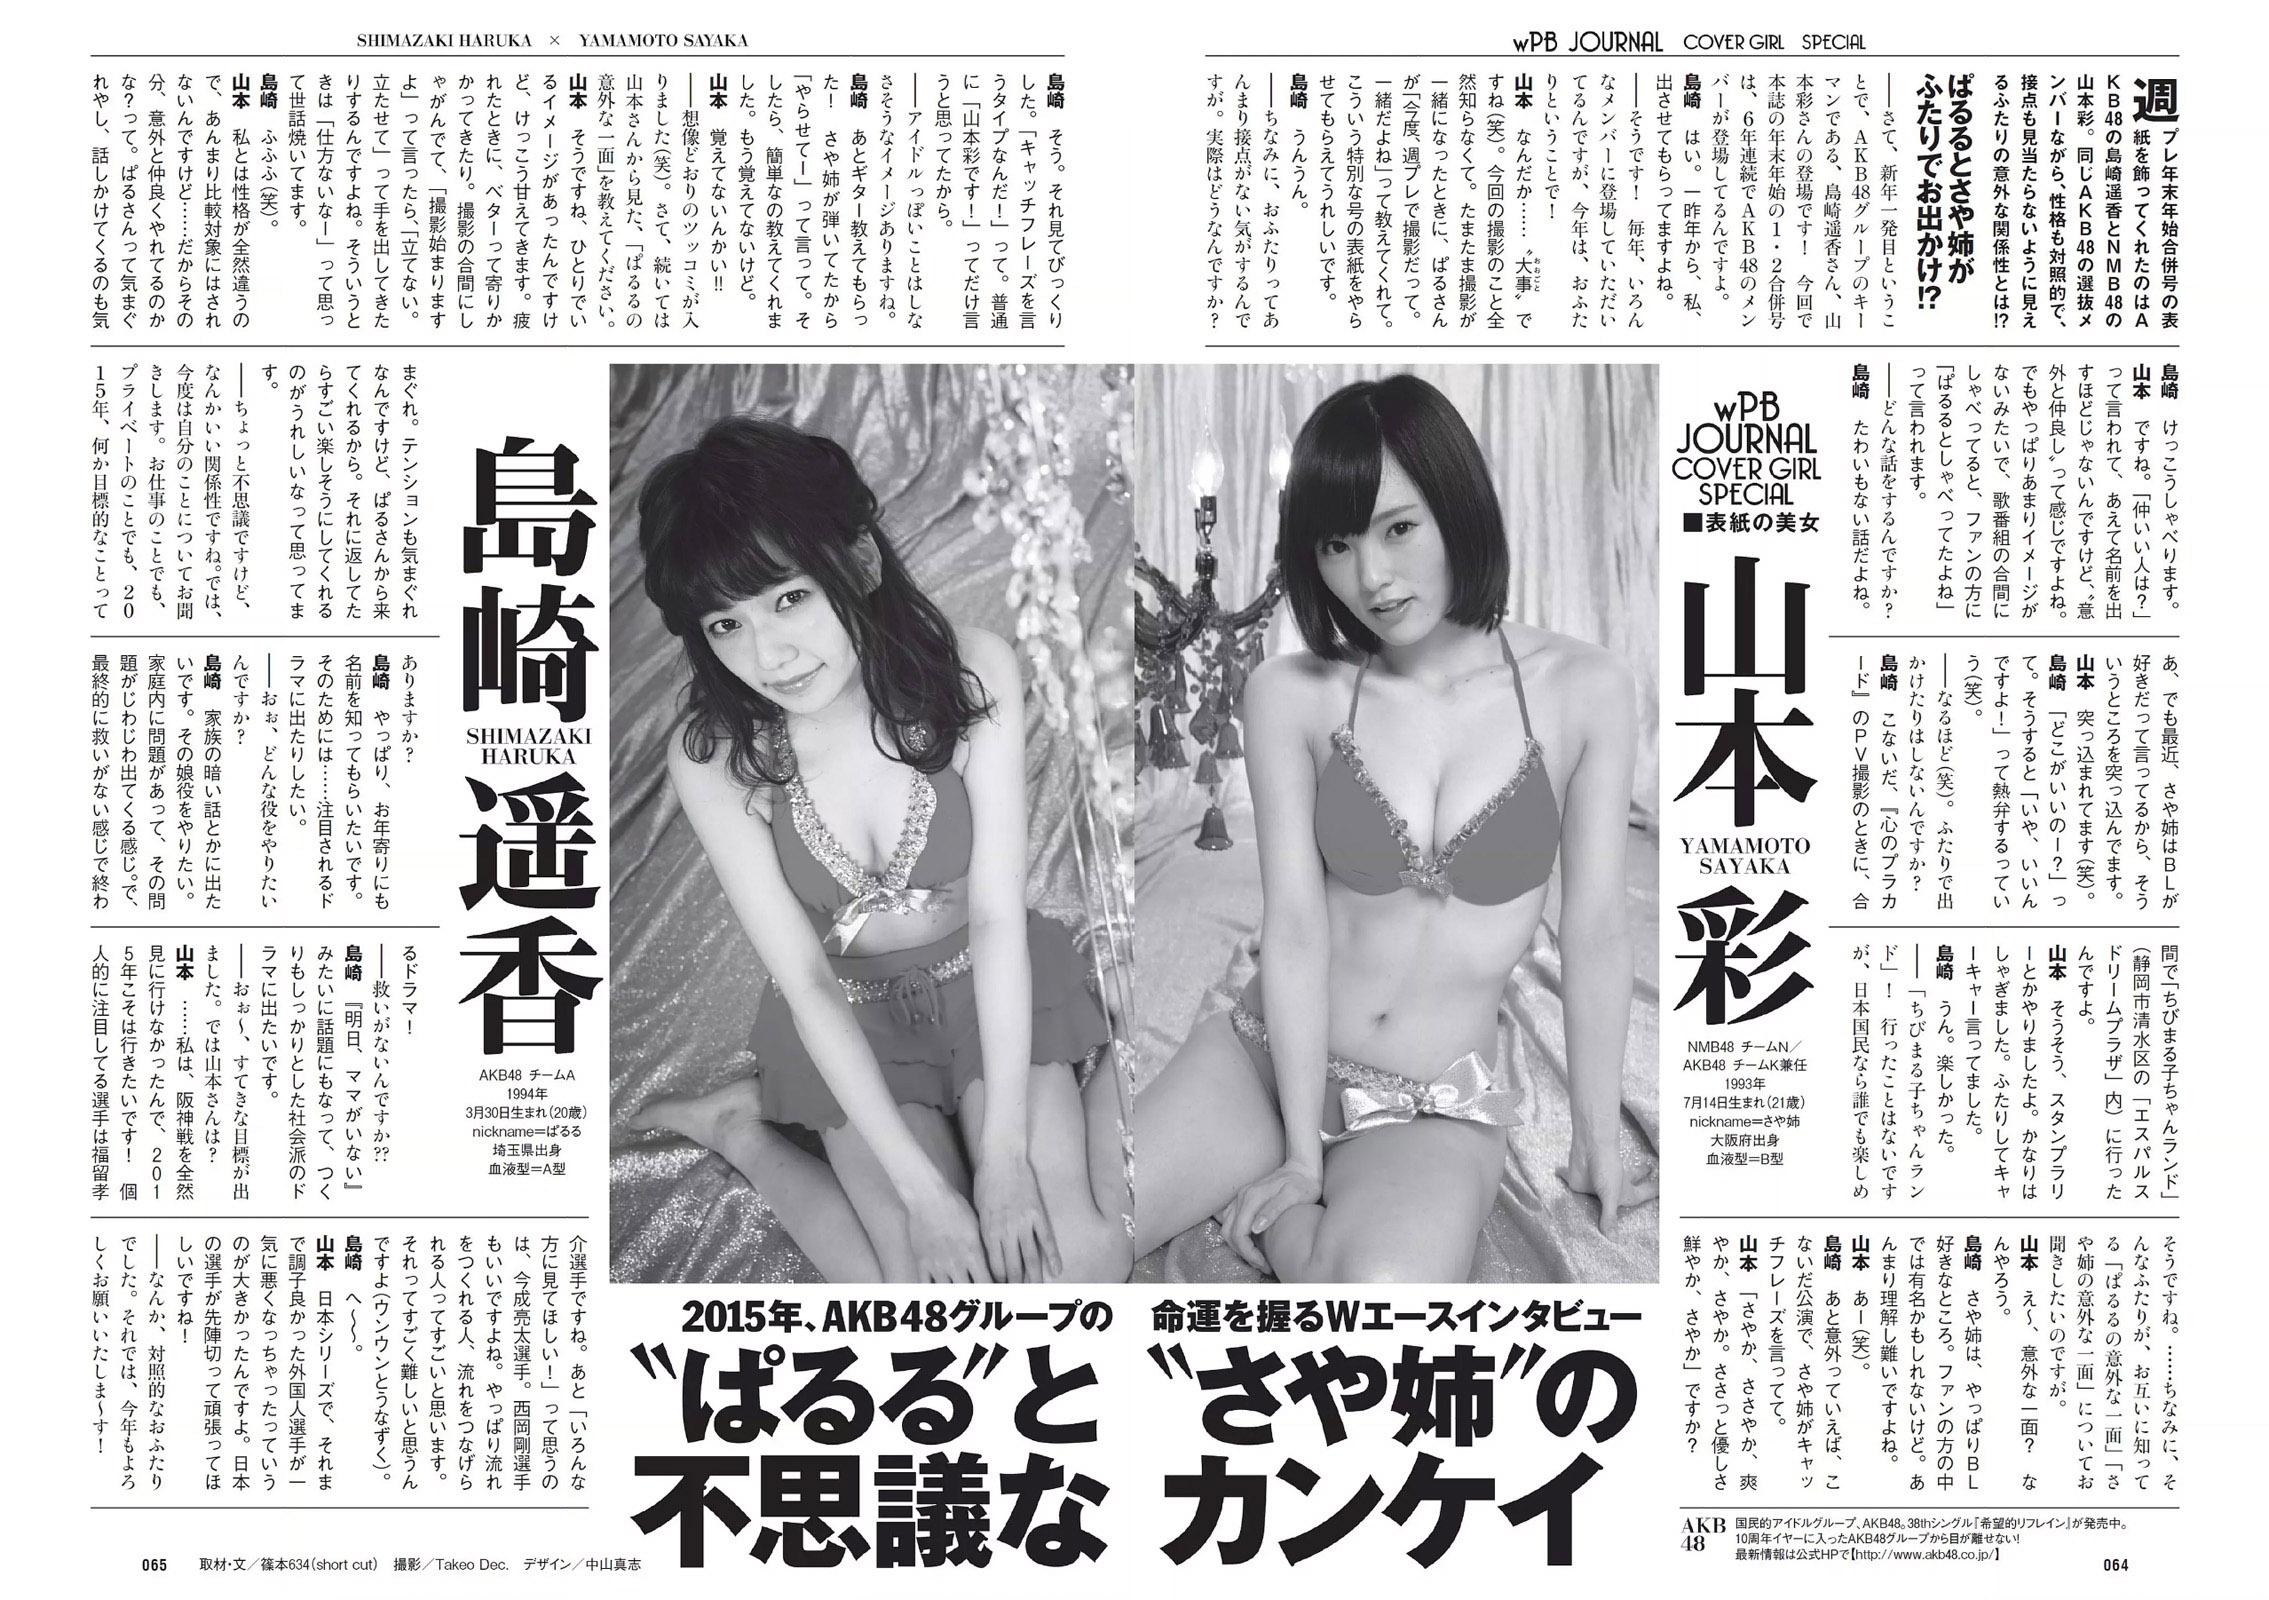 HShimazaki SYamamoto WPB 150112 08.jpg